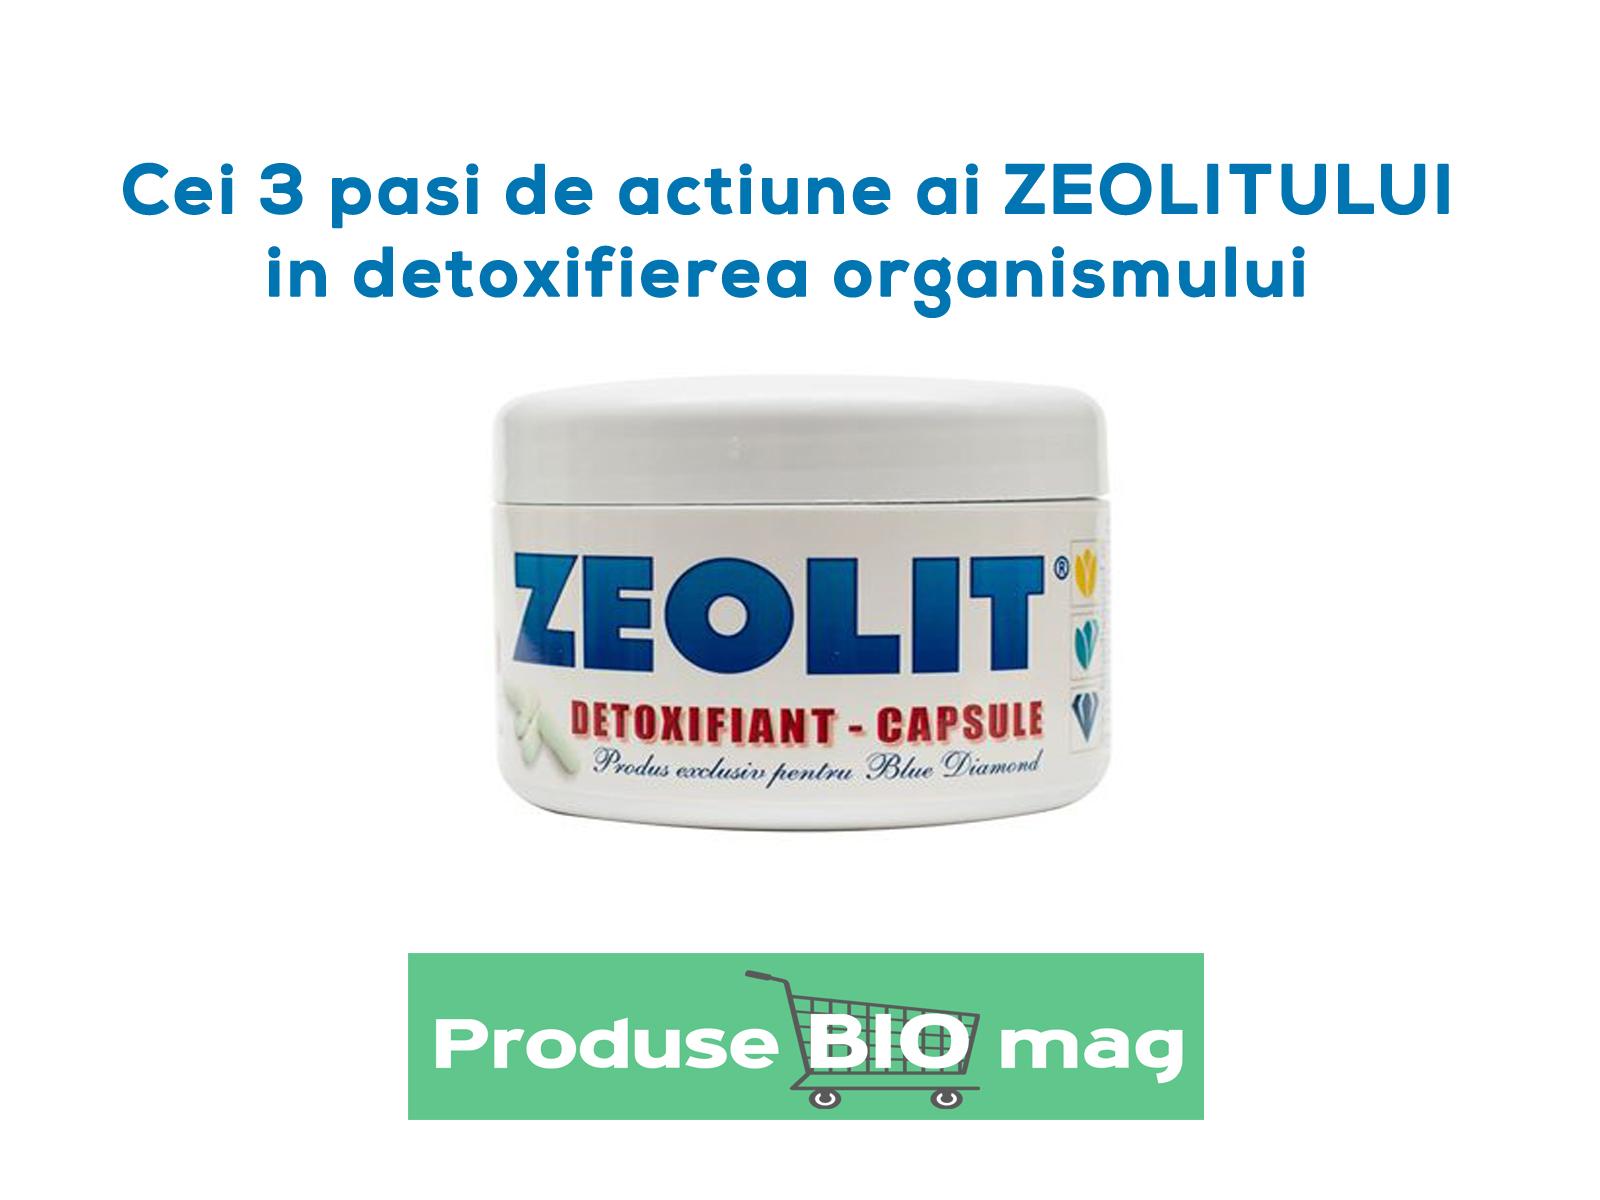 Zeolit mineral detoxifiant - capsule pret promotional